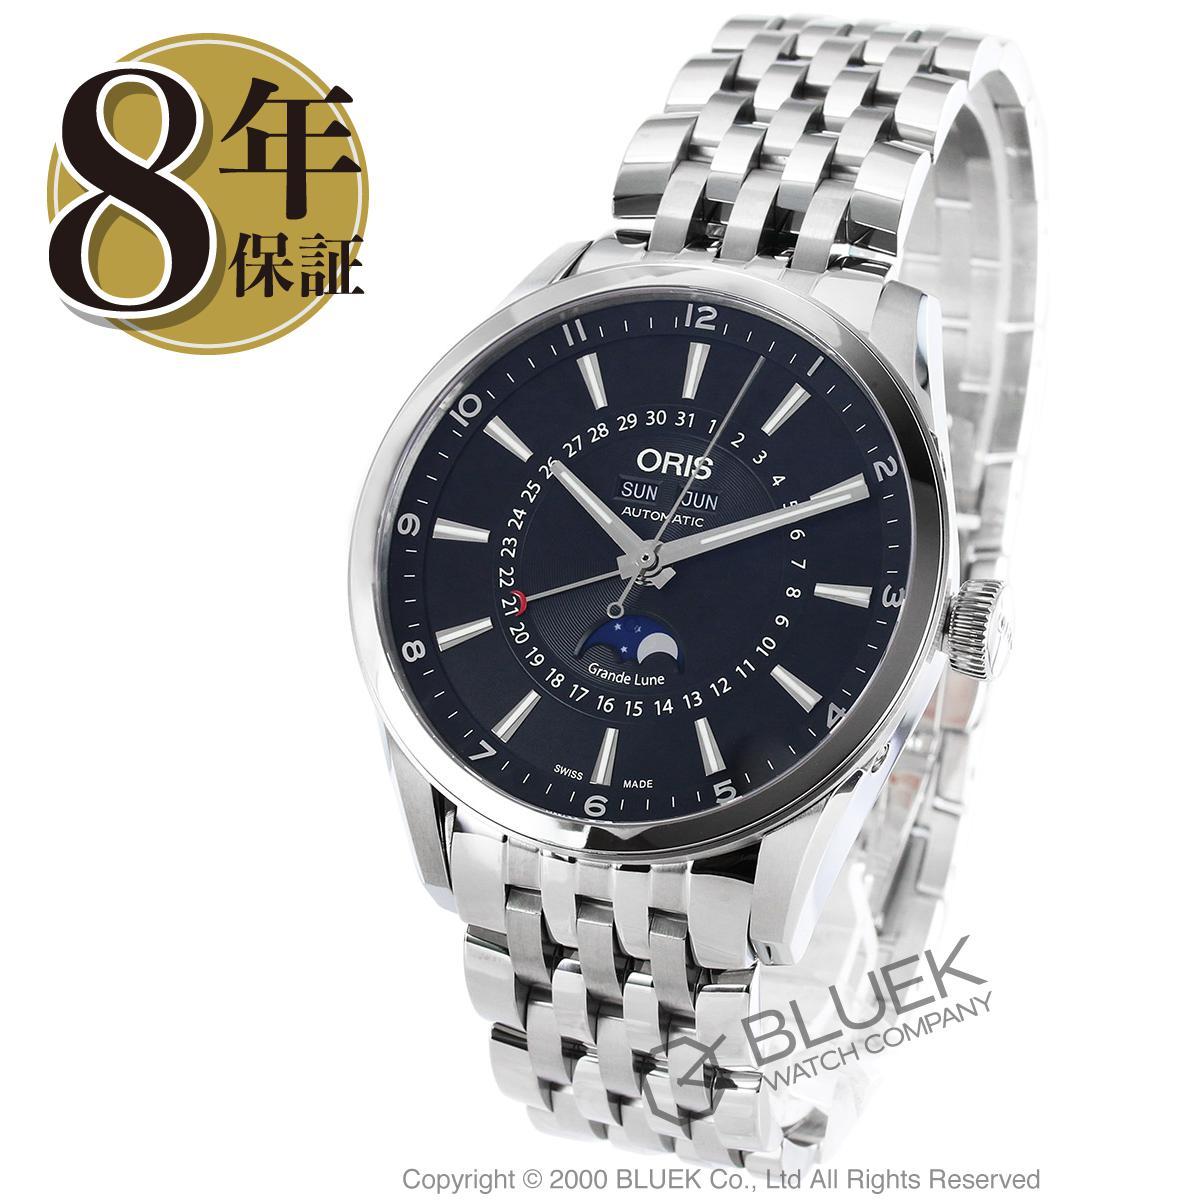 89fc93007f36 オリス アーティックス コンプリケーション ムーンフェイズ 腕時計 メンズ ORIS 915 7643 4034M